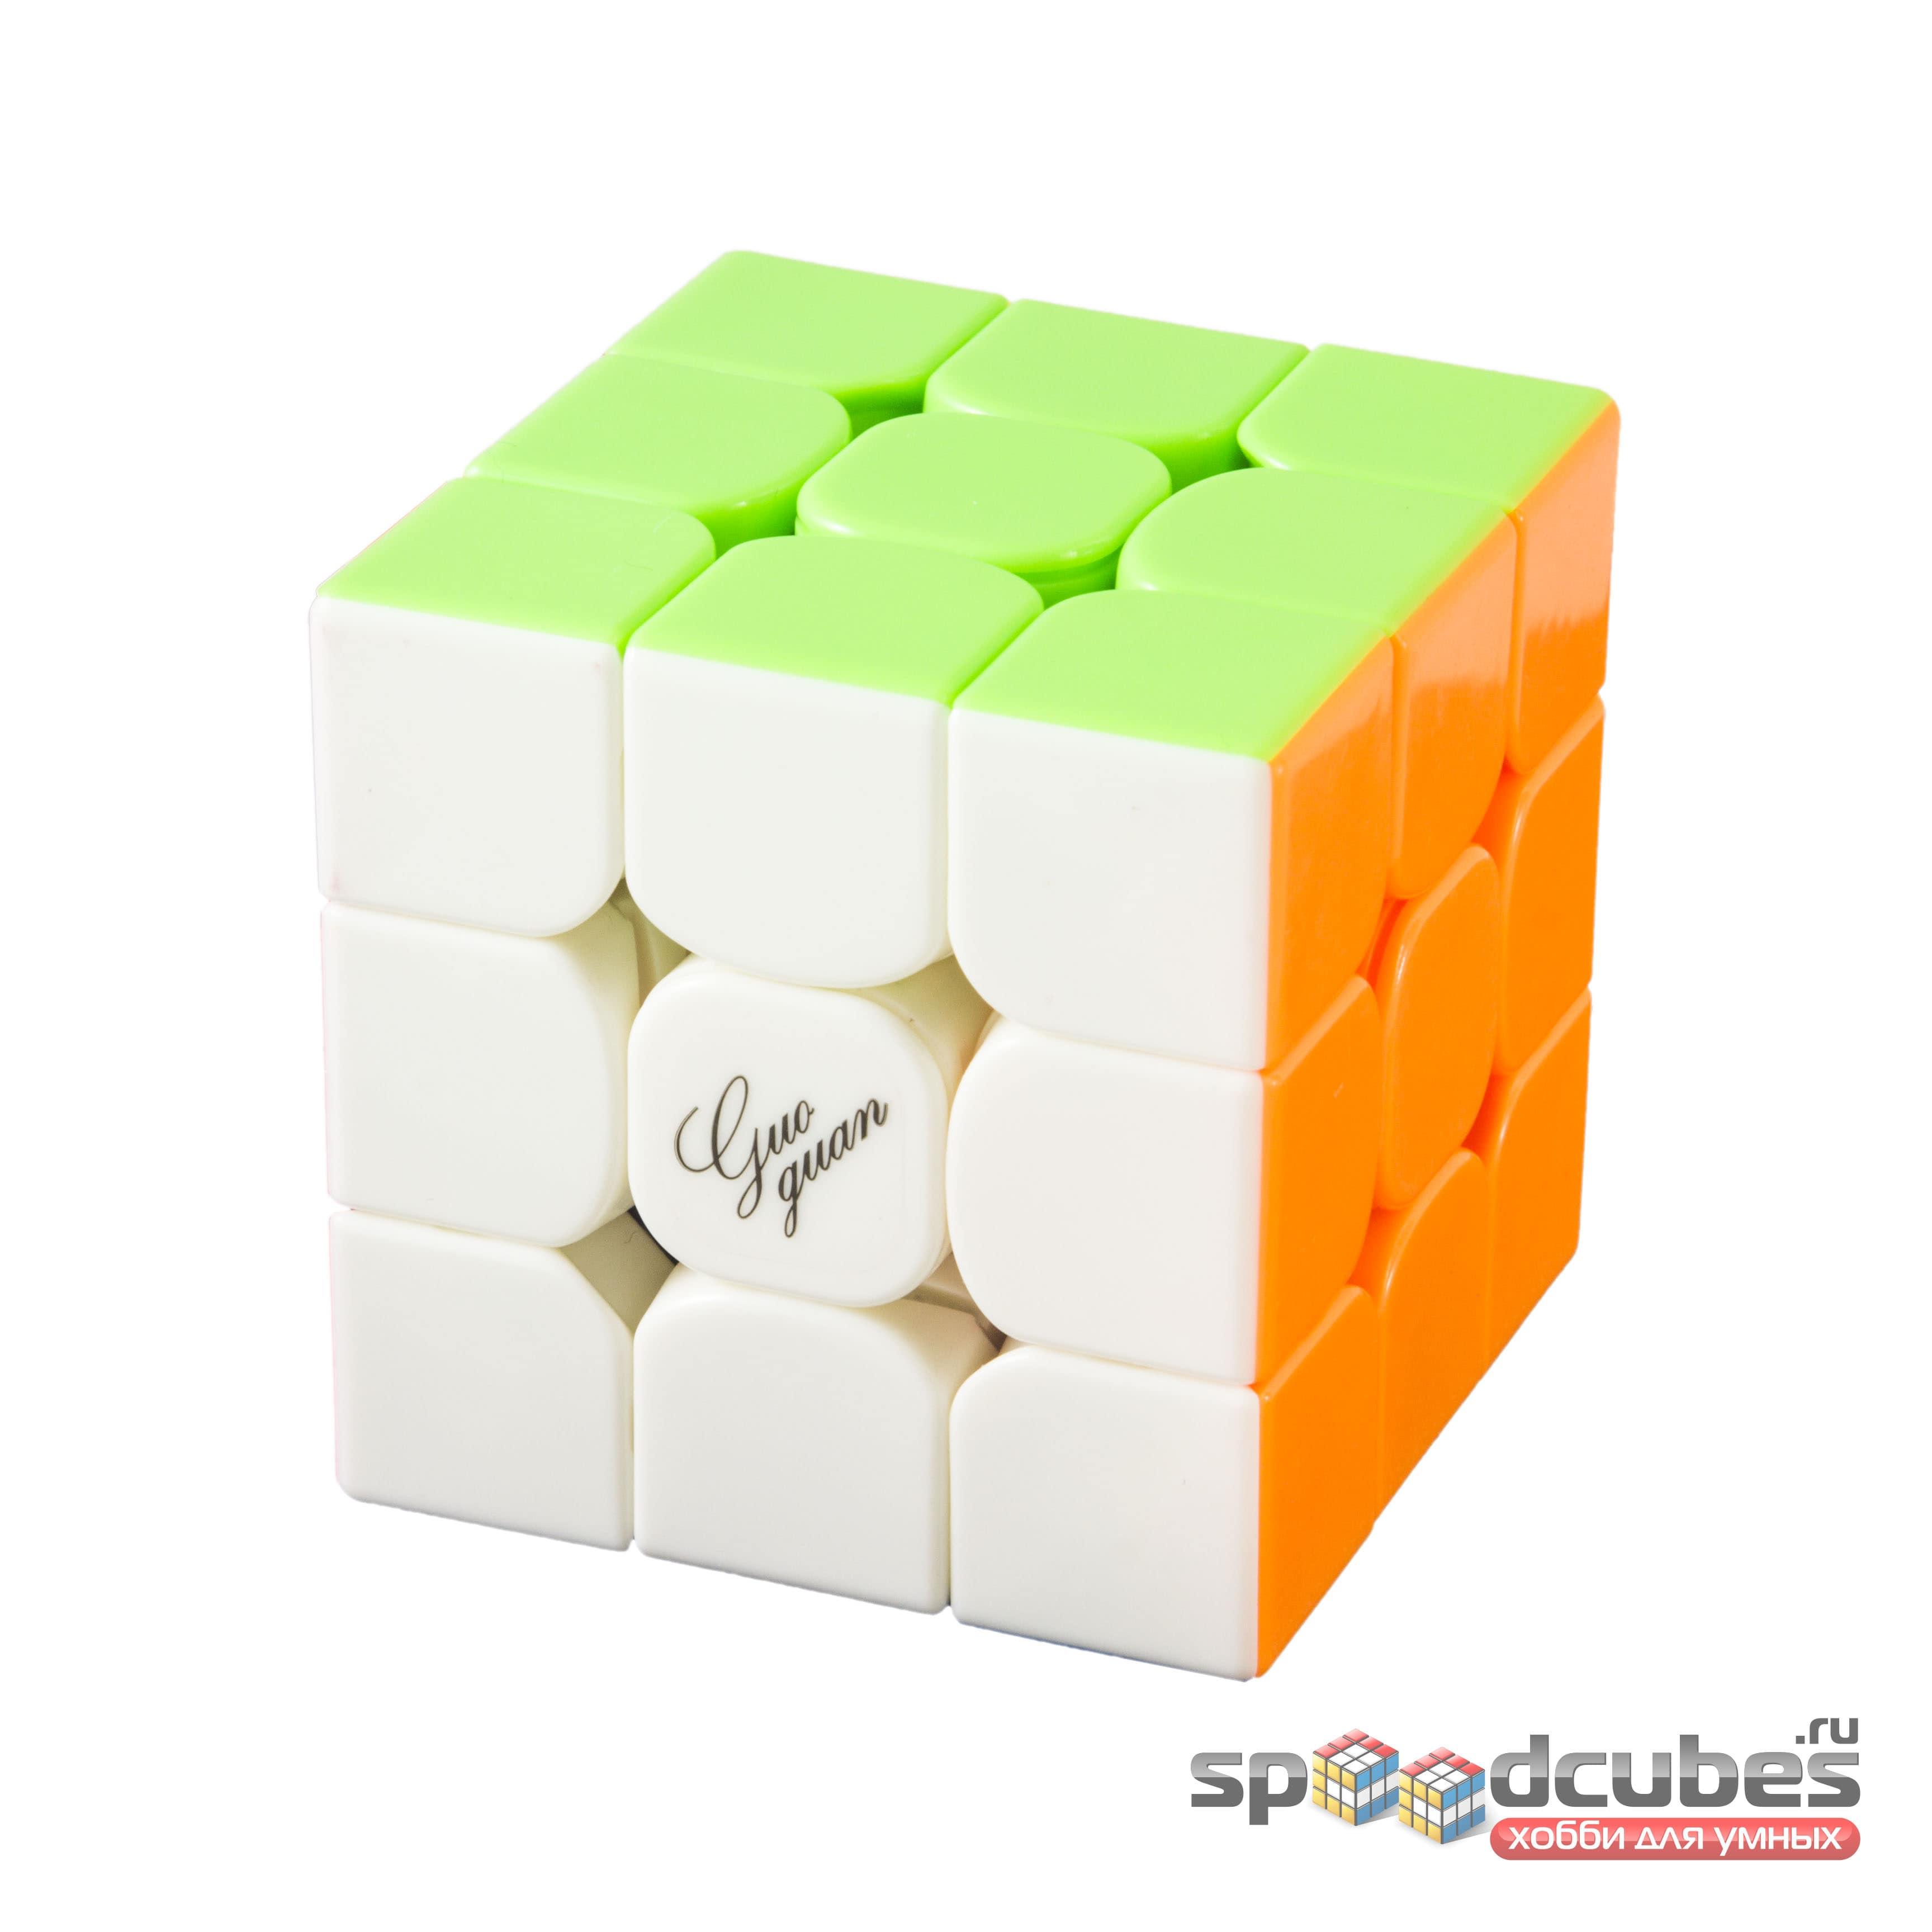 Moyu 3x3x3 Guoguan Yuexiao Pro M Color 1